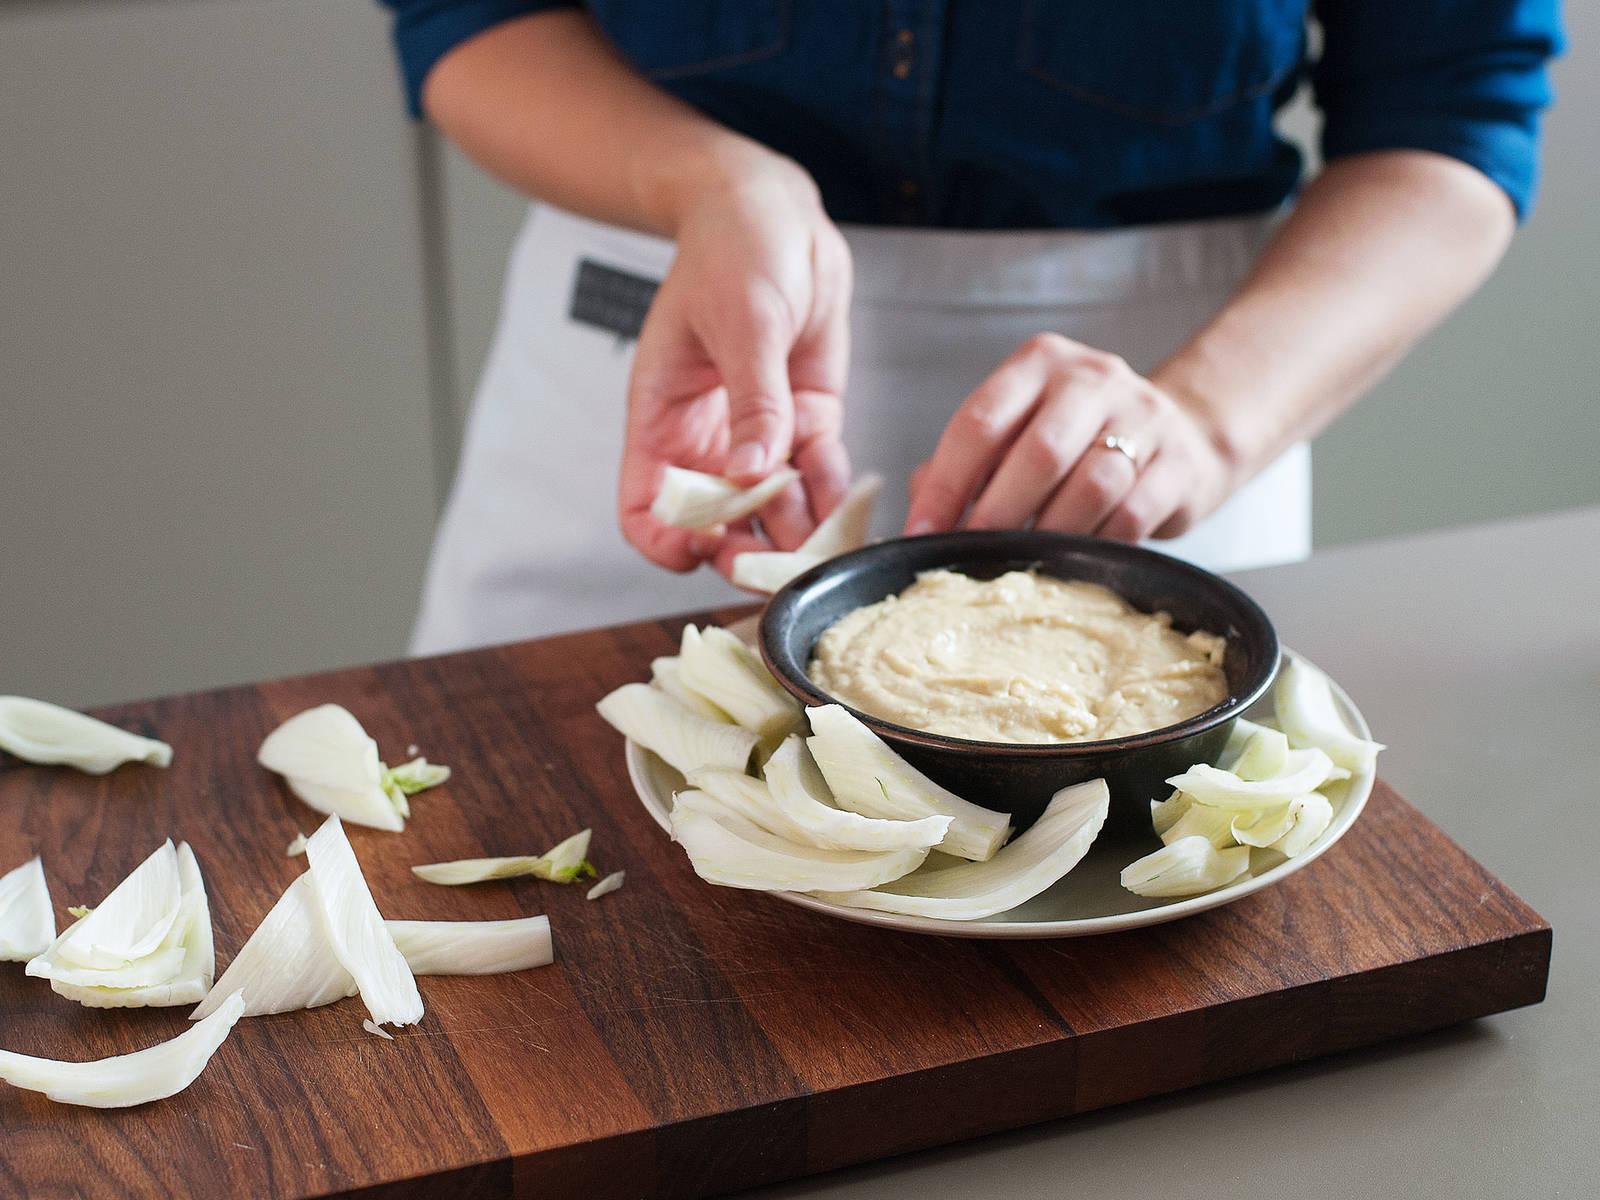 Sobad alles vermengt ist, mit Salz und Pfeffer abschmecken. Dip in eine Servierschale geben und mit Rohkost servieren. Guten Appetit!